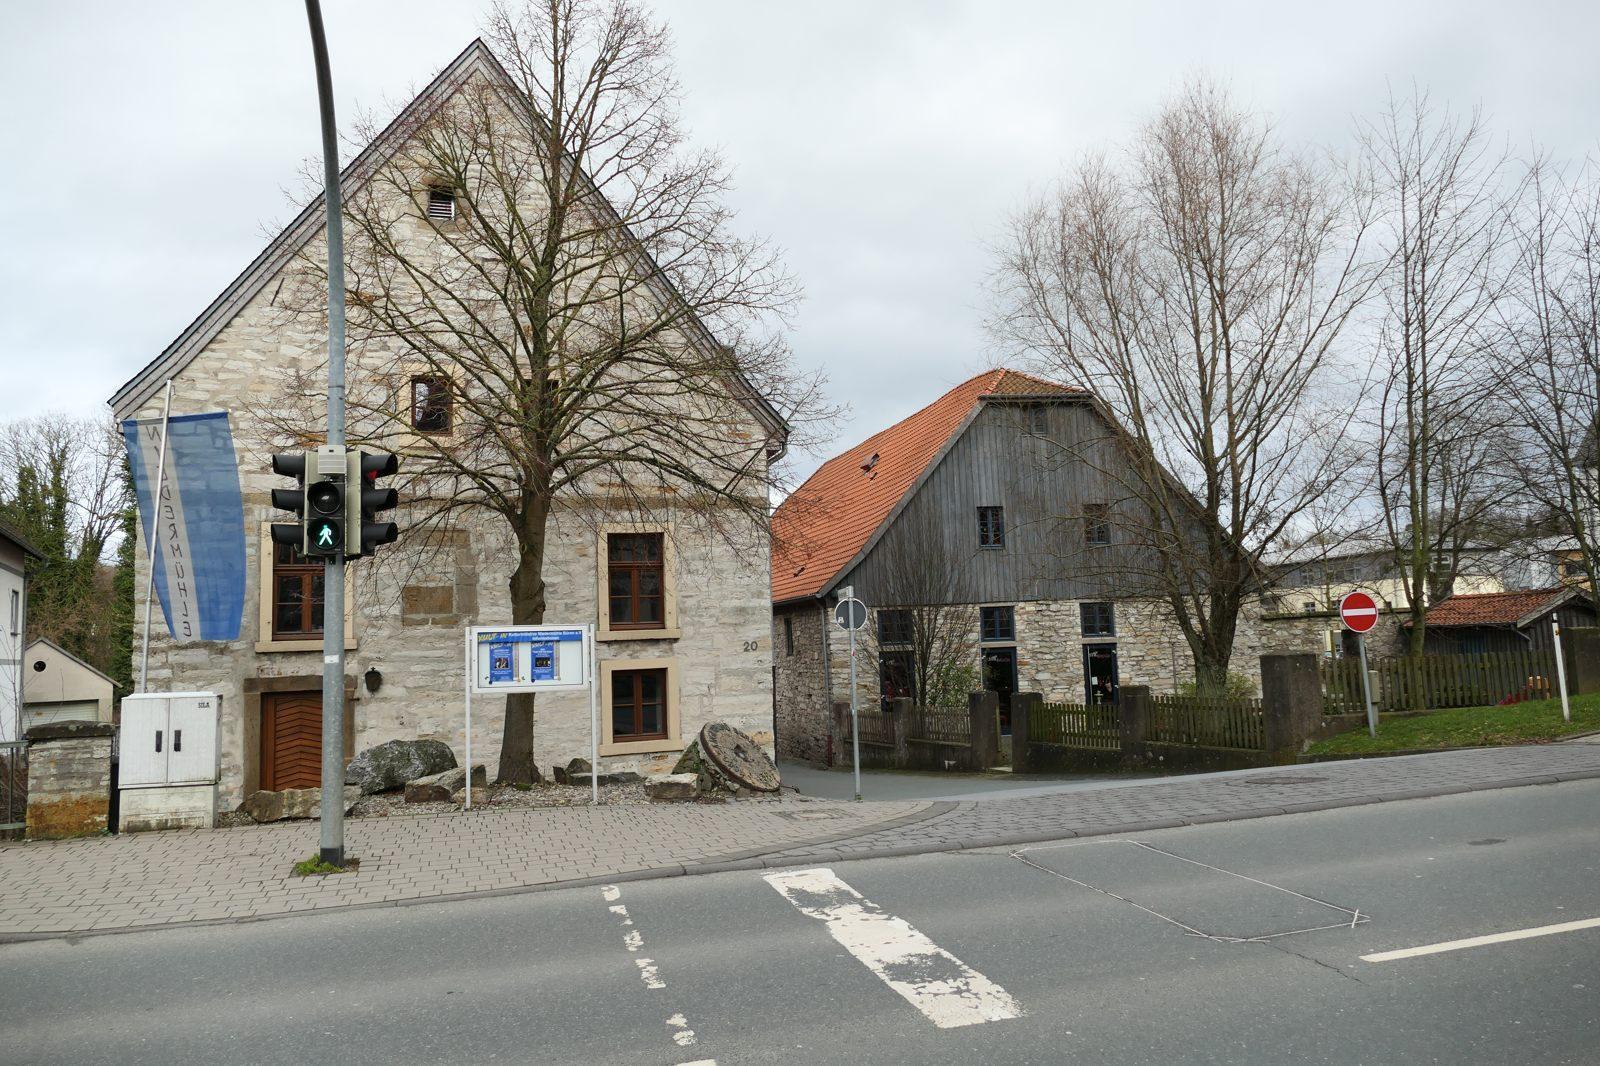 Eine ehemalige Mühle neben einem Cafe